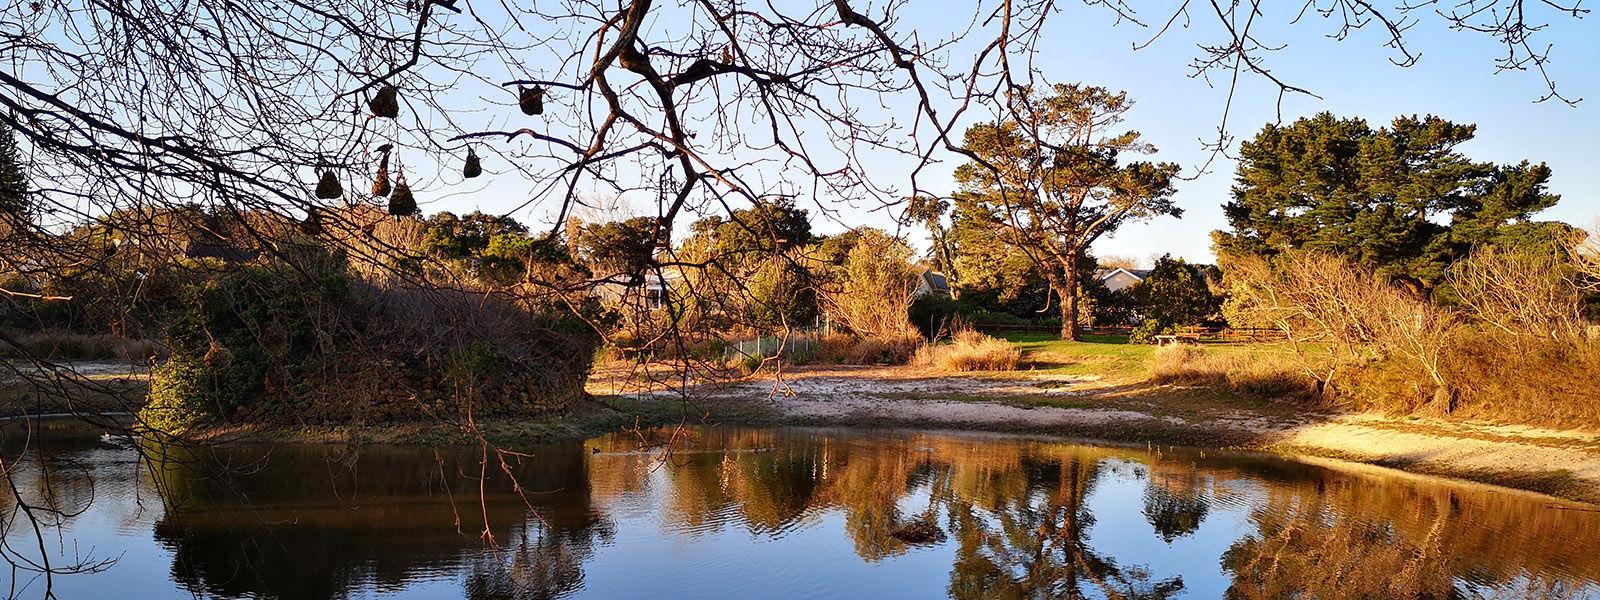 Sunset over Die Oog wetlands conservation area